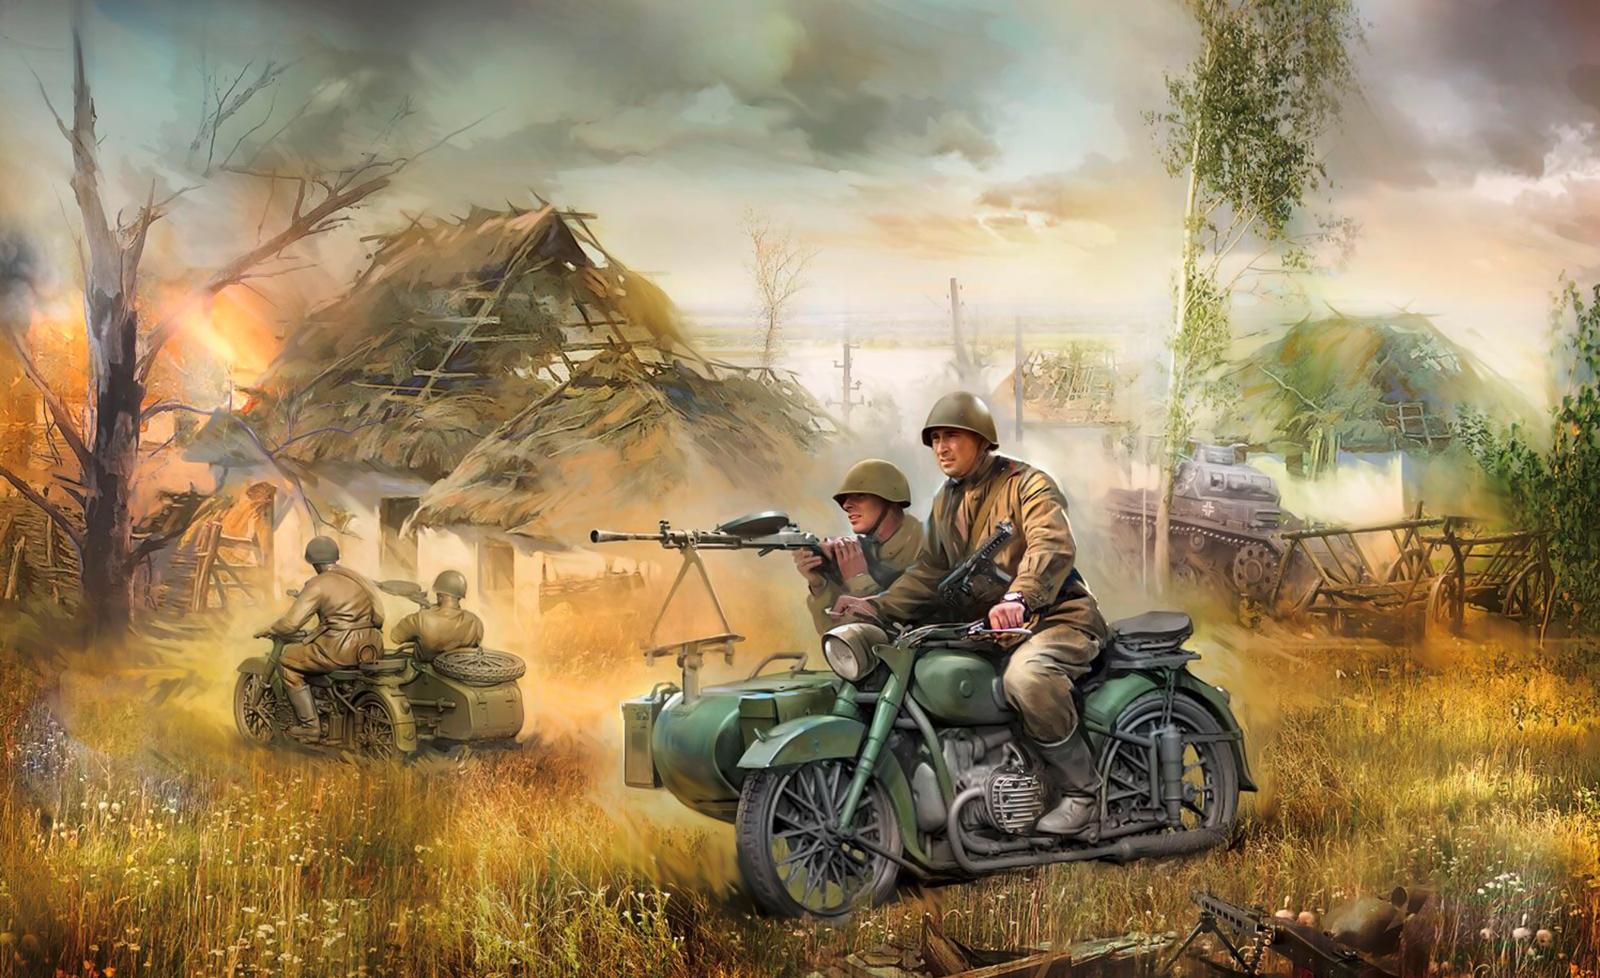 http://warwall.ru/Art3/Wallpaper_3131_AFV_M-72.jpg